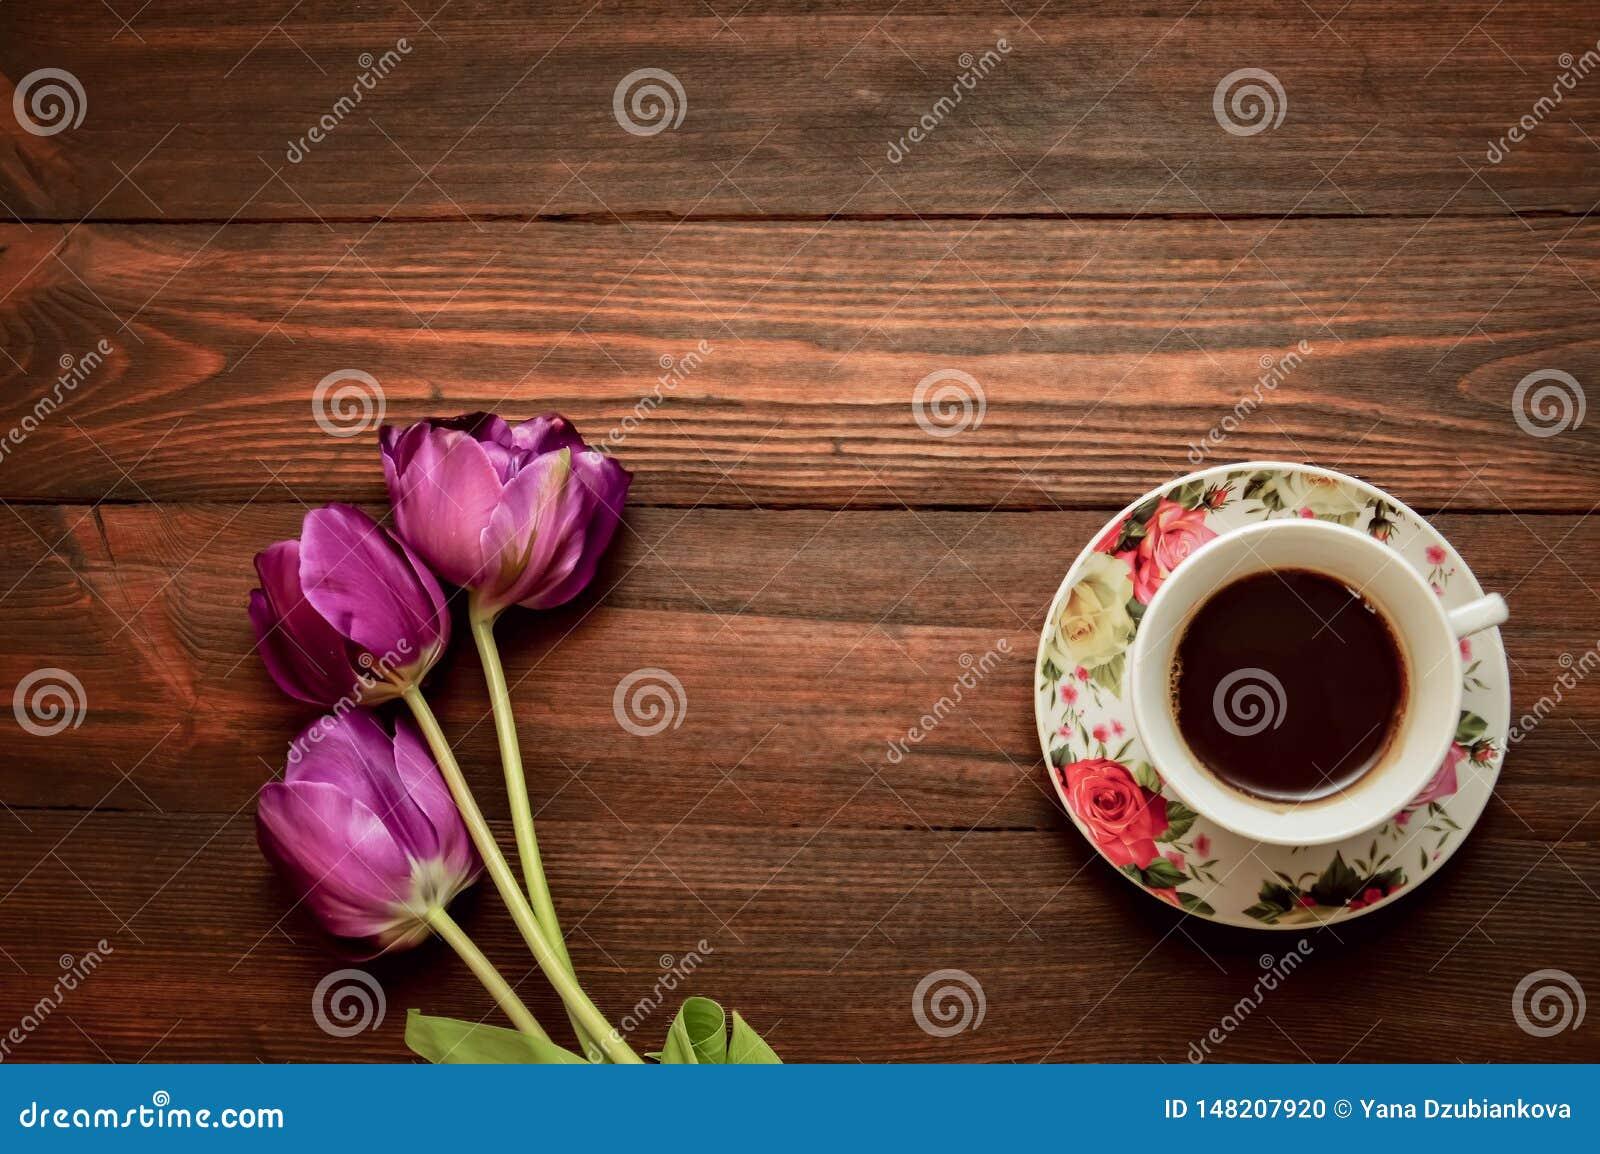 Uma x?cara de caf? ou um ch? em uns pires est?o em um fundo de madeira, tulipas roxas encontram-se em seguida